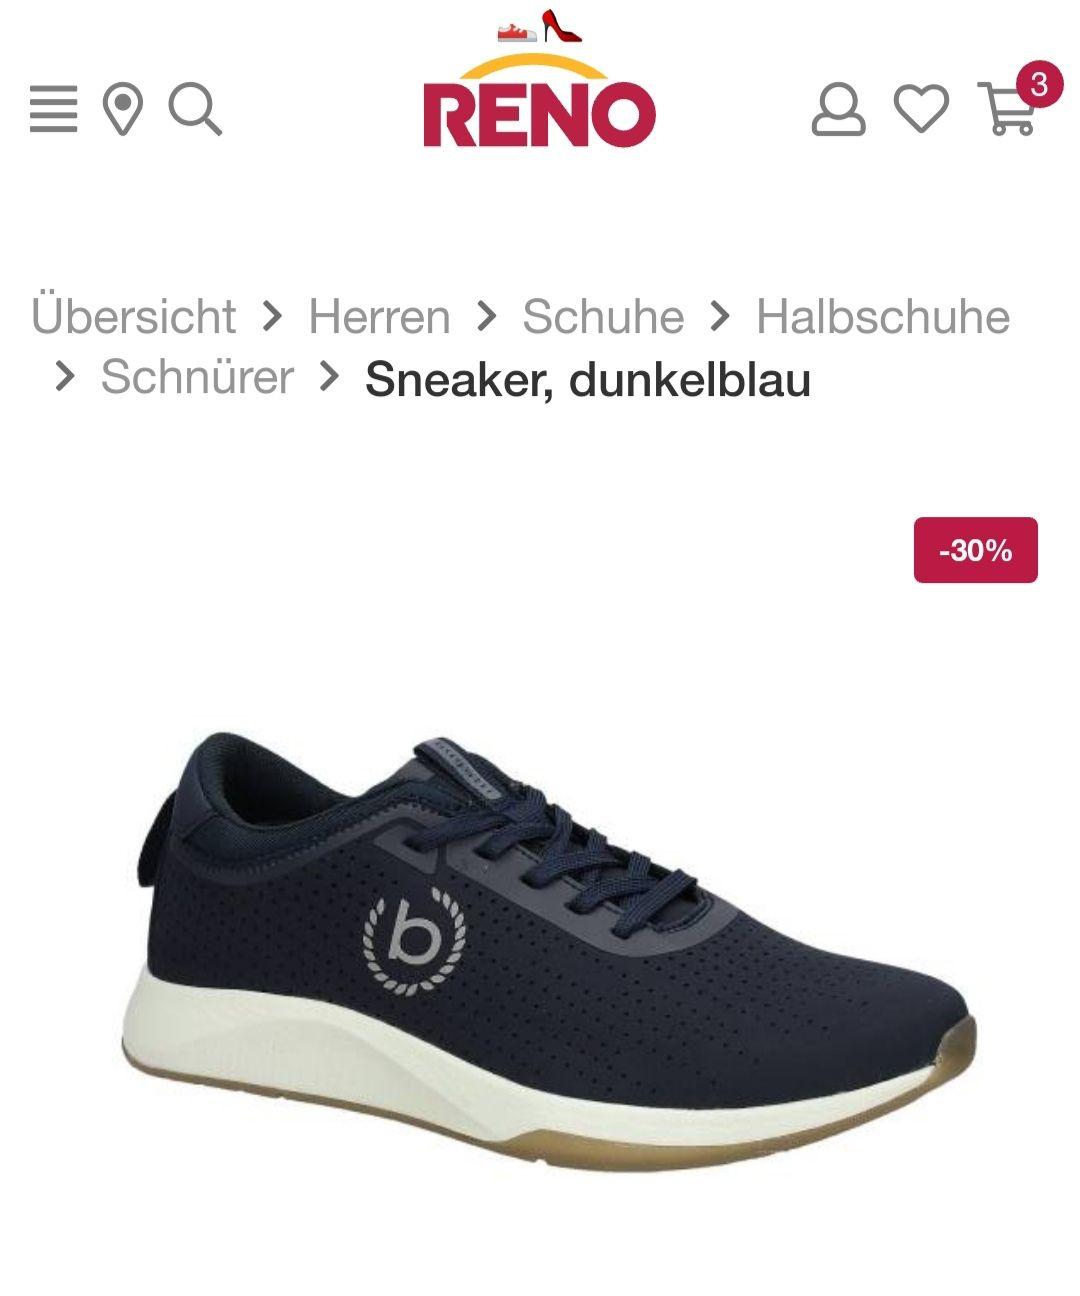 Reno 30% Rabatt Im Sale ab 3 Paar, bei 2 Paar 20% zb. *3x* Bugatti Schuhe für 85,04 inkl. Versandkosten